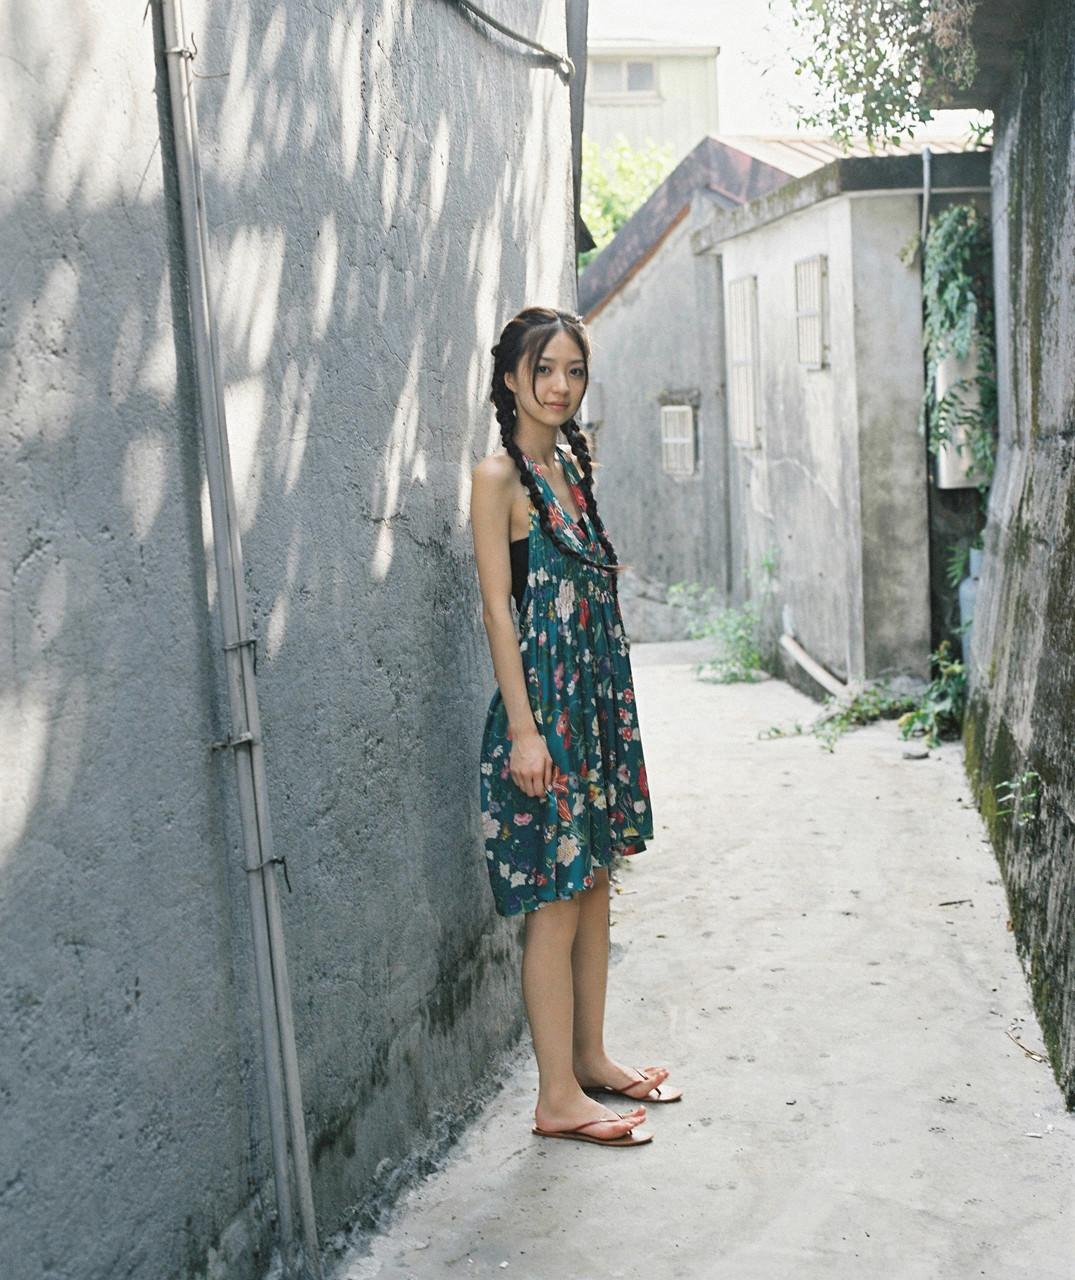 逢沢りな「さよなら、美少女」グラビア 02-05